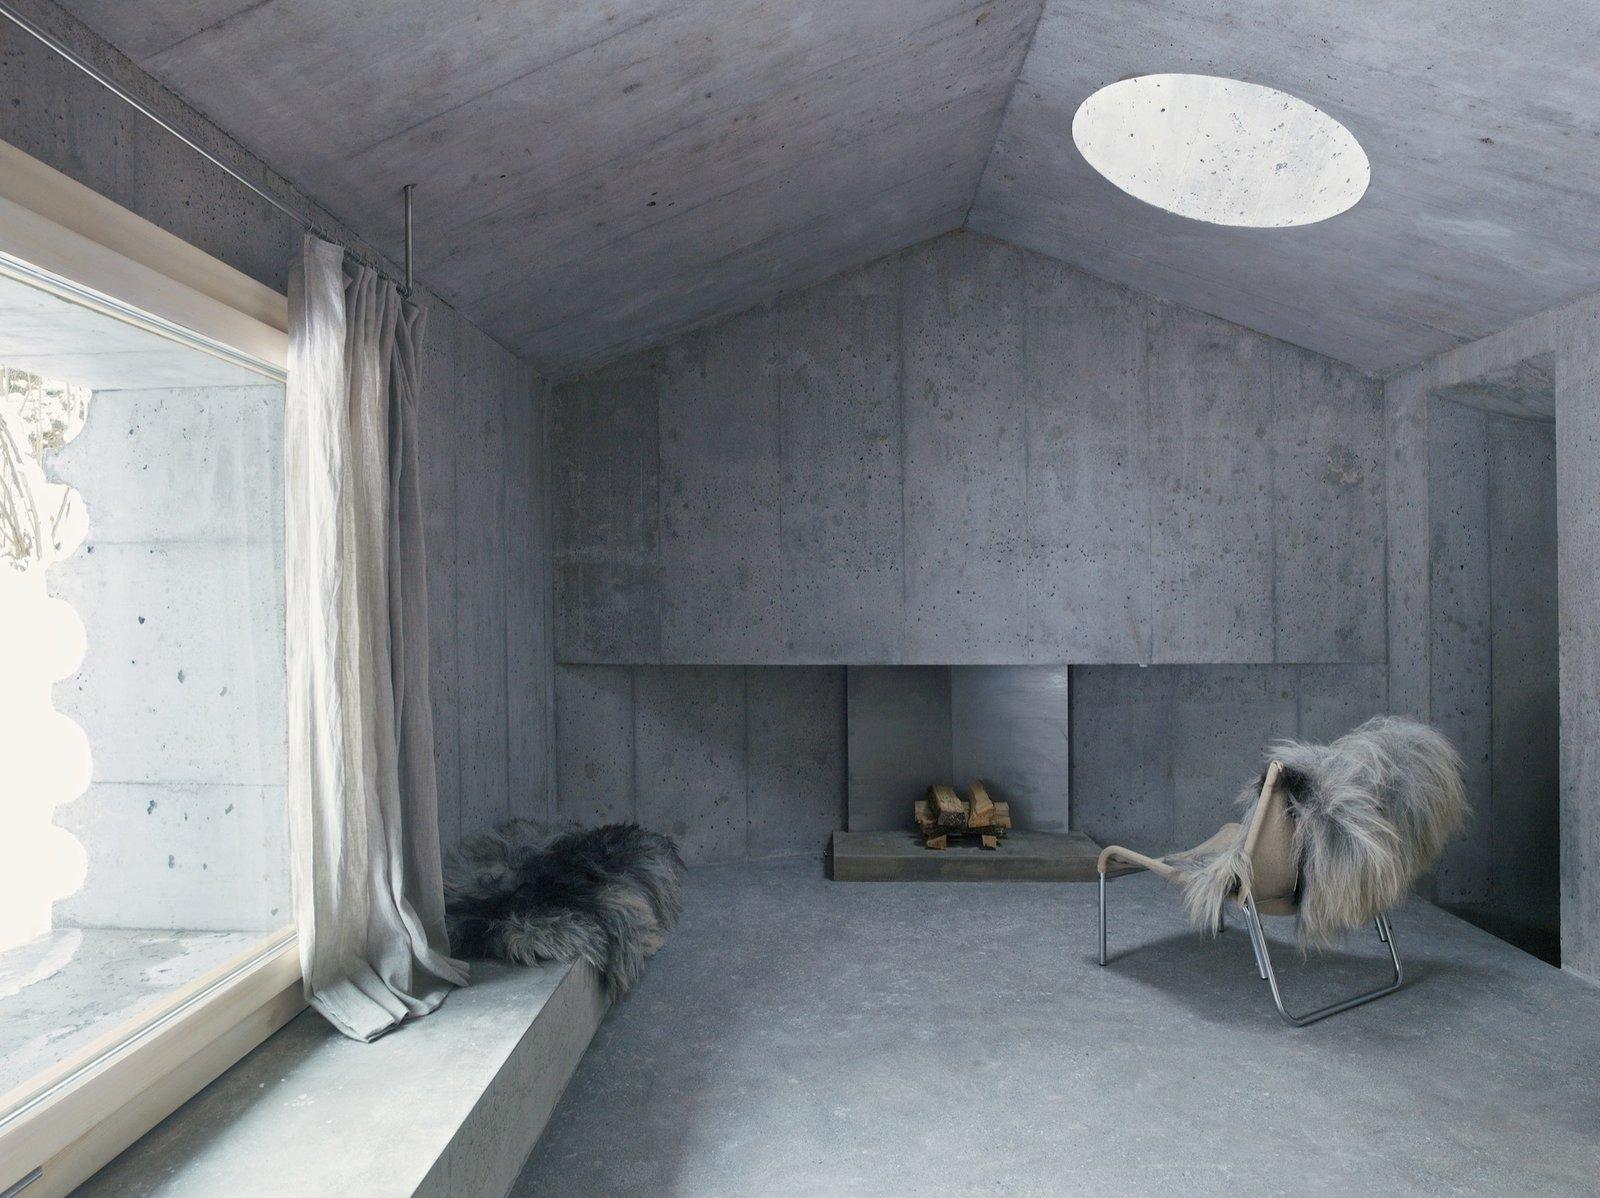 #alpinemodern #design #lifestyle #modern #elevatedliving #quiestdesign #refugeinconcrete #concrete   Photo courtesy of Gaudenz Danuser  Refuge in Concrete by Alpine Modern